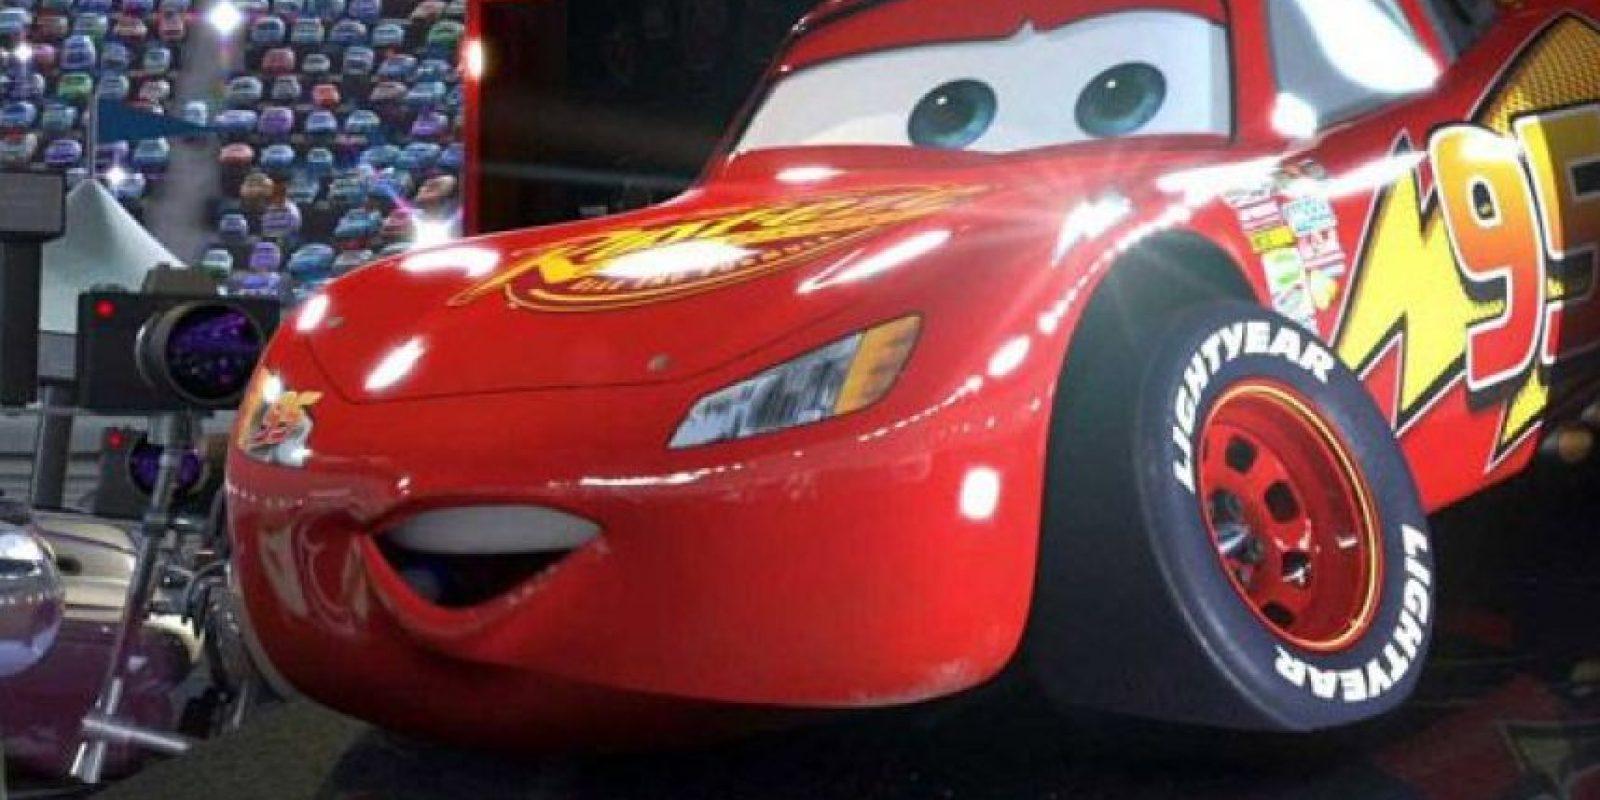 """""""El Rayo McQueen"""" utiliza llantas con la marca """"Lightyear"""" Foto:Pixar"""